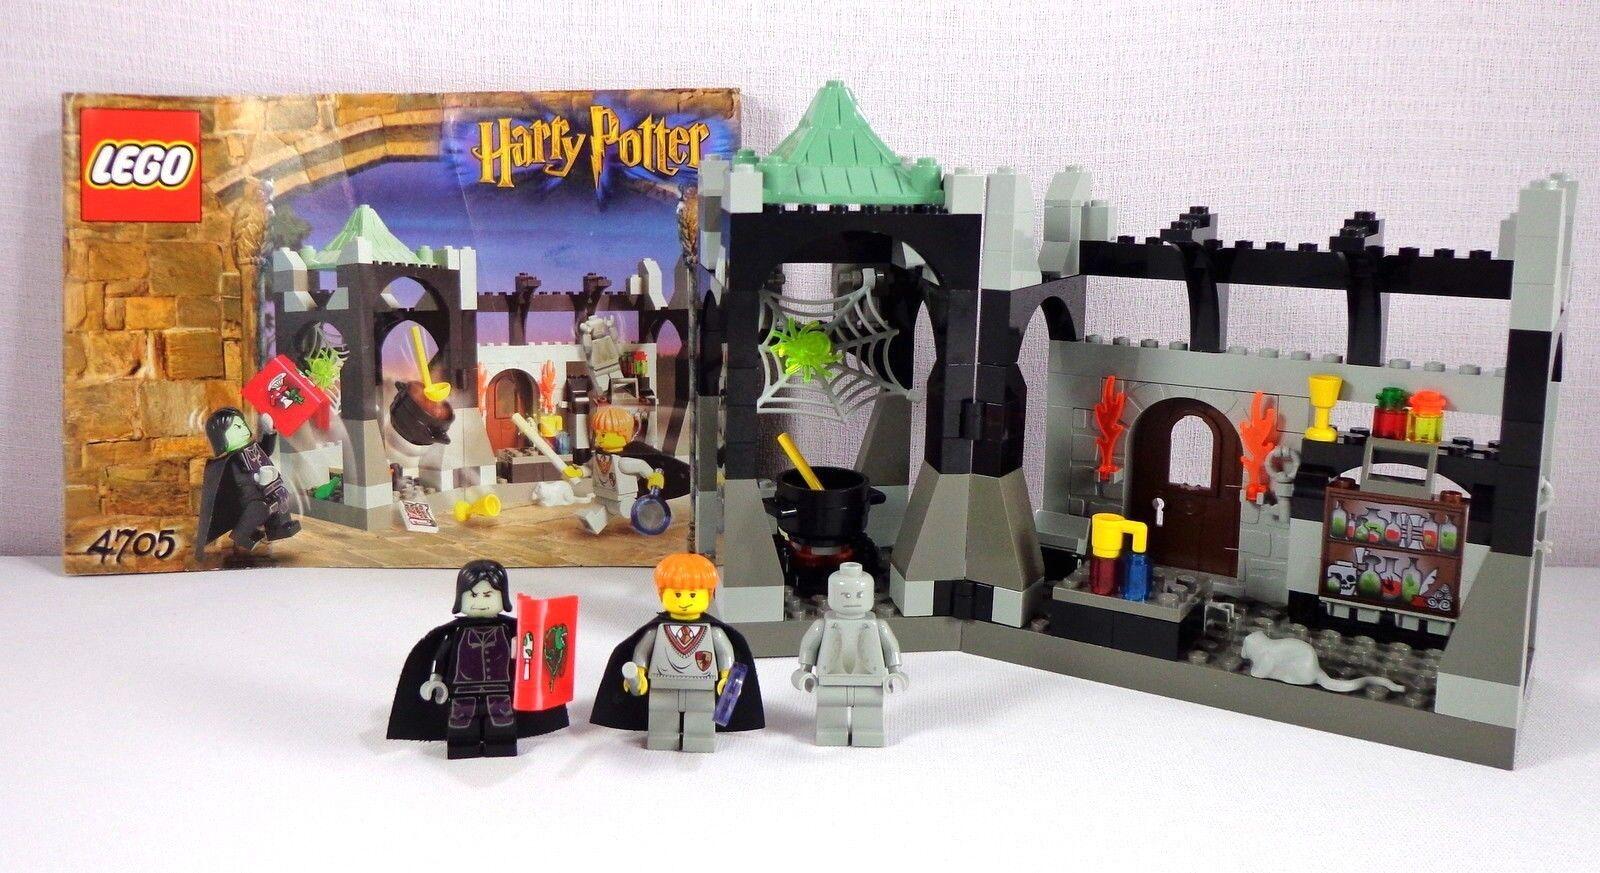 LEGO Harry Potter Set Snape's  classe 4705 completare with 3 Minifigs No scatola  la migliore moda